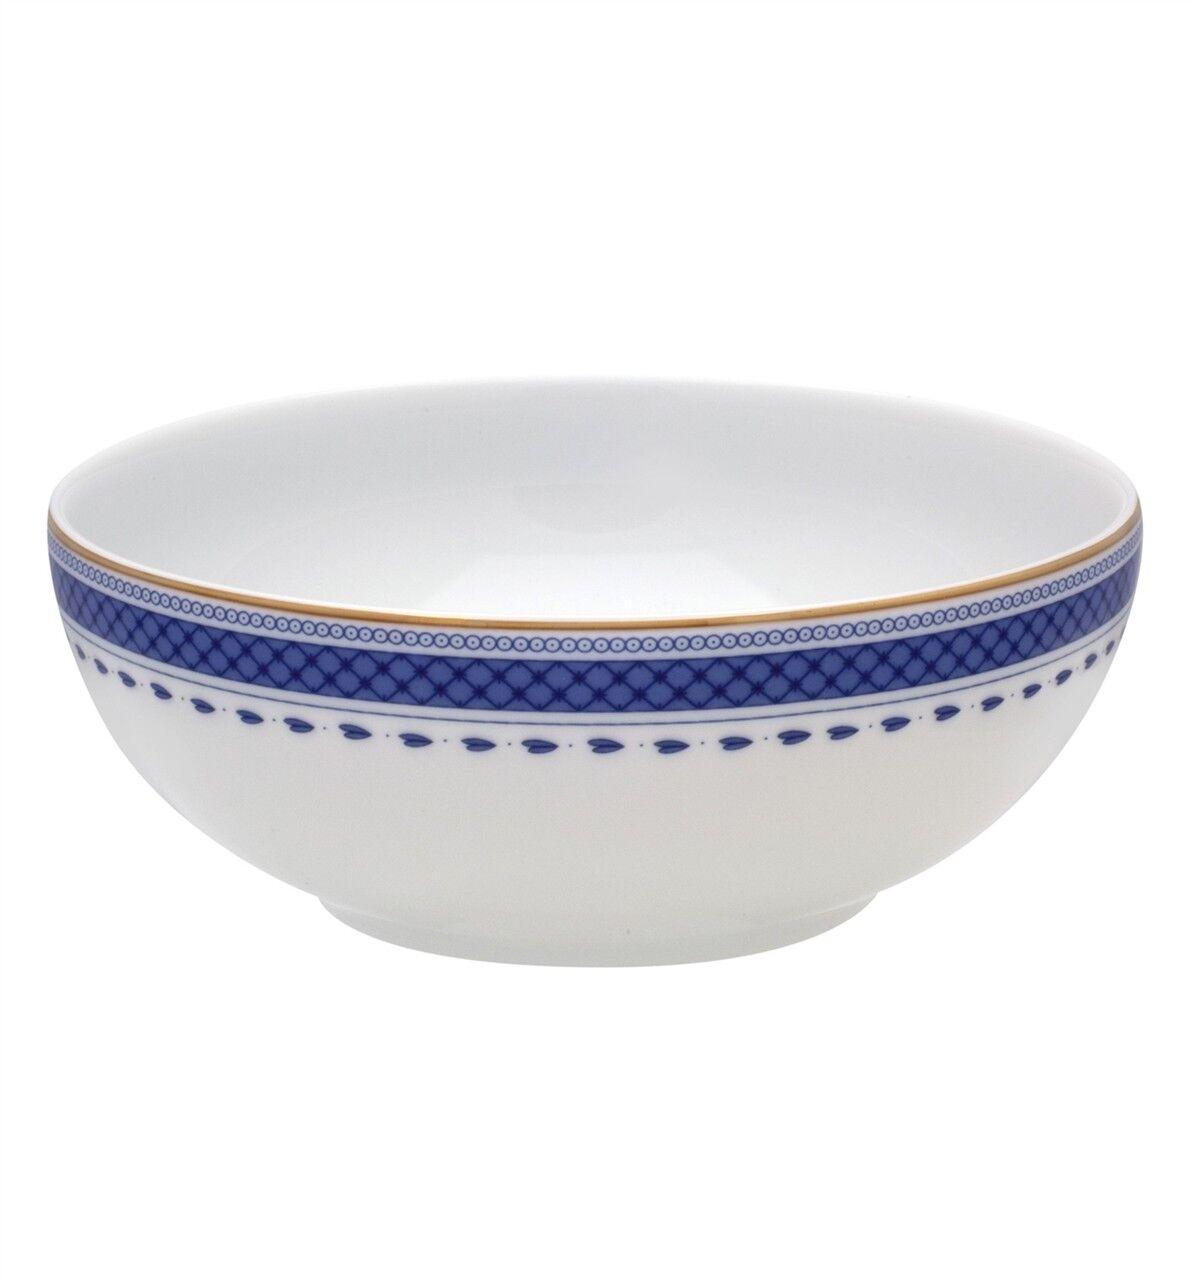 Vista Alegre Cozinha Velha Cereal bowl bowl bowl - Set of 8 f2bcce